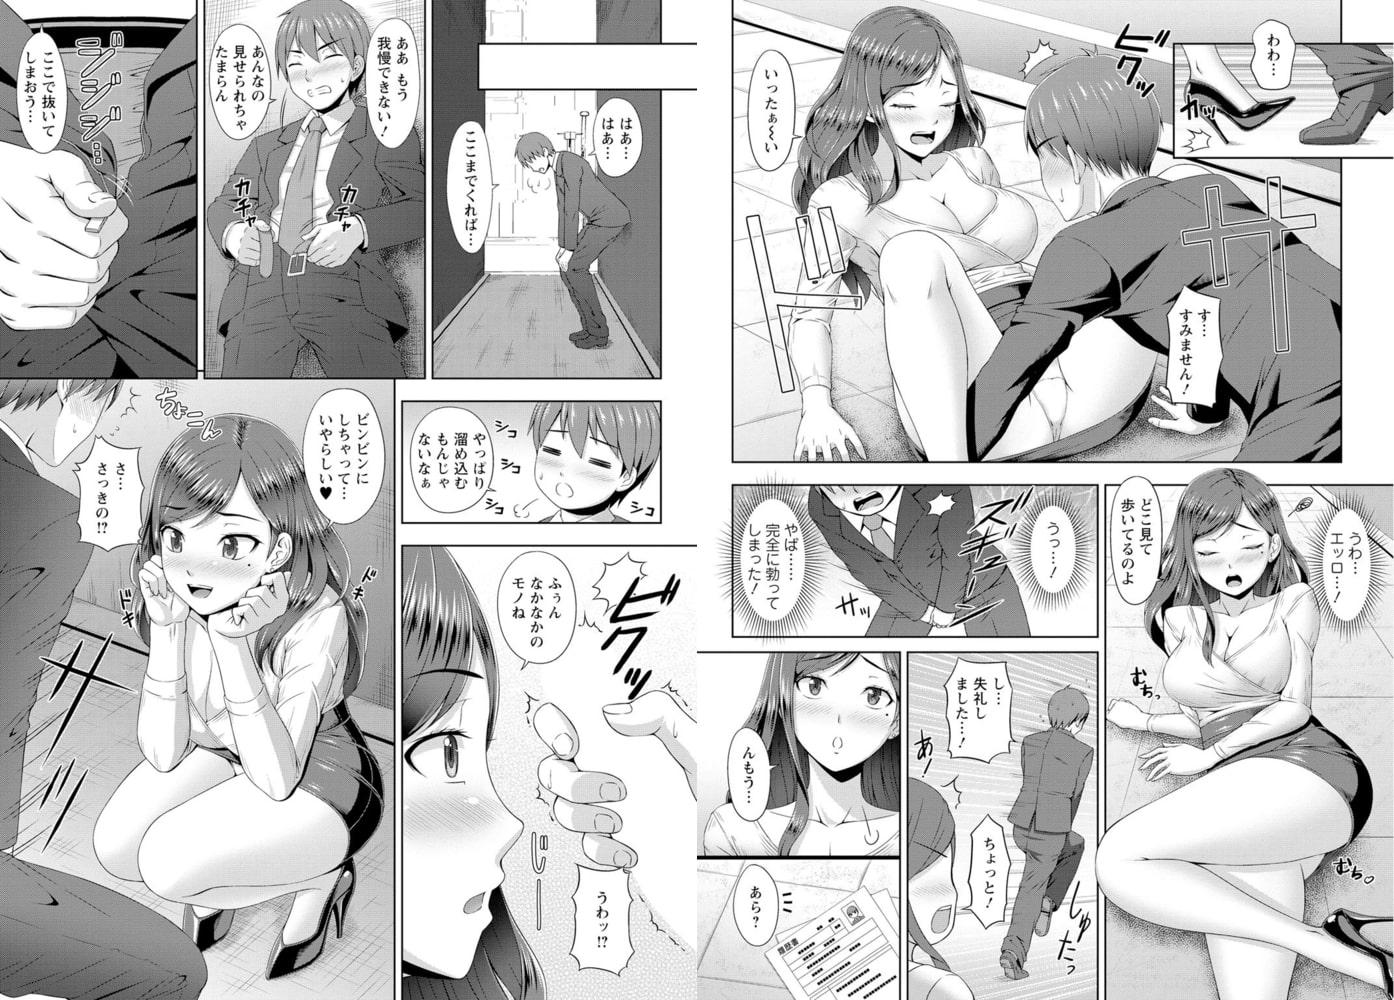 絶倫すぎるセックスセラピー~何度イッても我慢できない!~【合冊版】 1巻